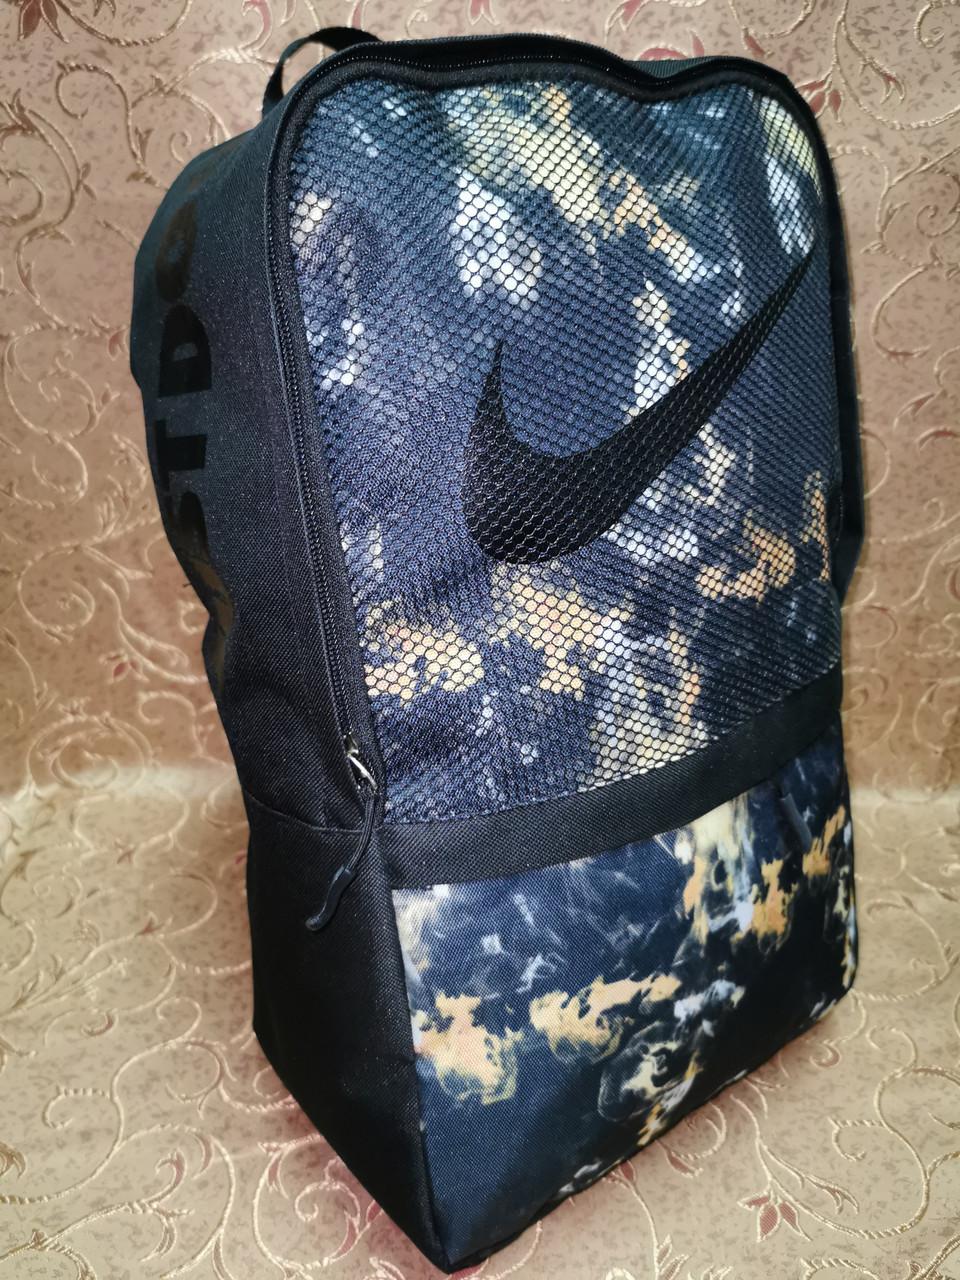 Принт рюкзак nike just doit качество спортивный спорт городской стильный ОПТ Школьный рюкзак